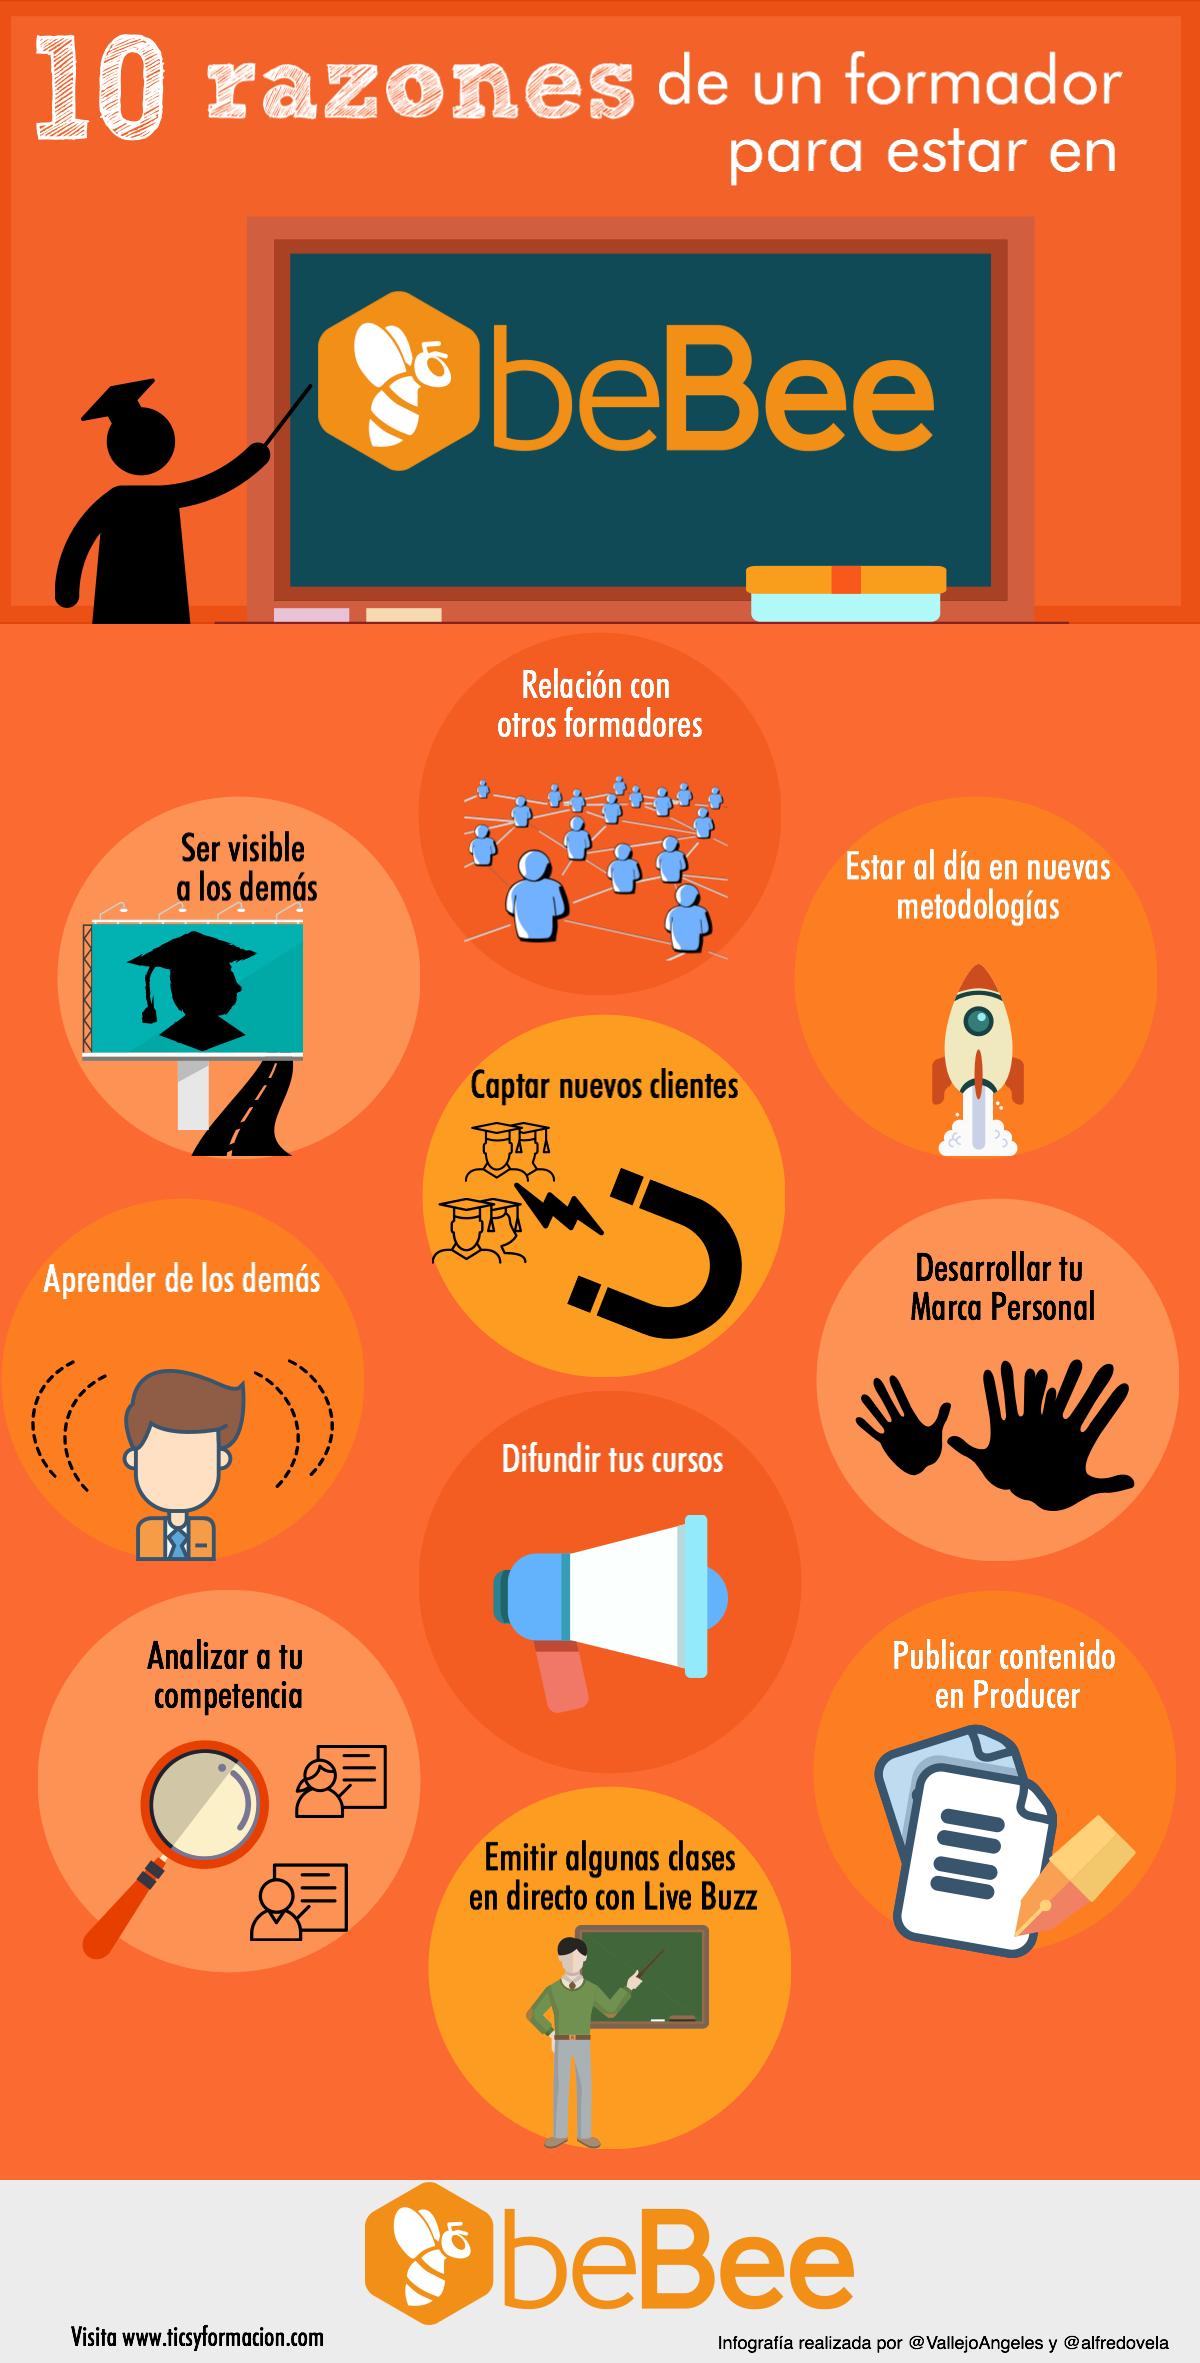 10 razones de un formador para estar en beBee #infografia #infographic #socialmedia